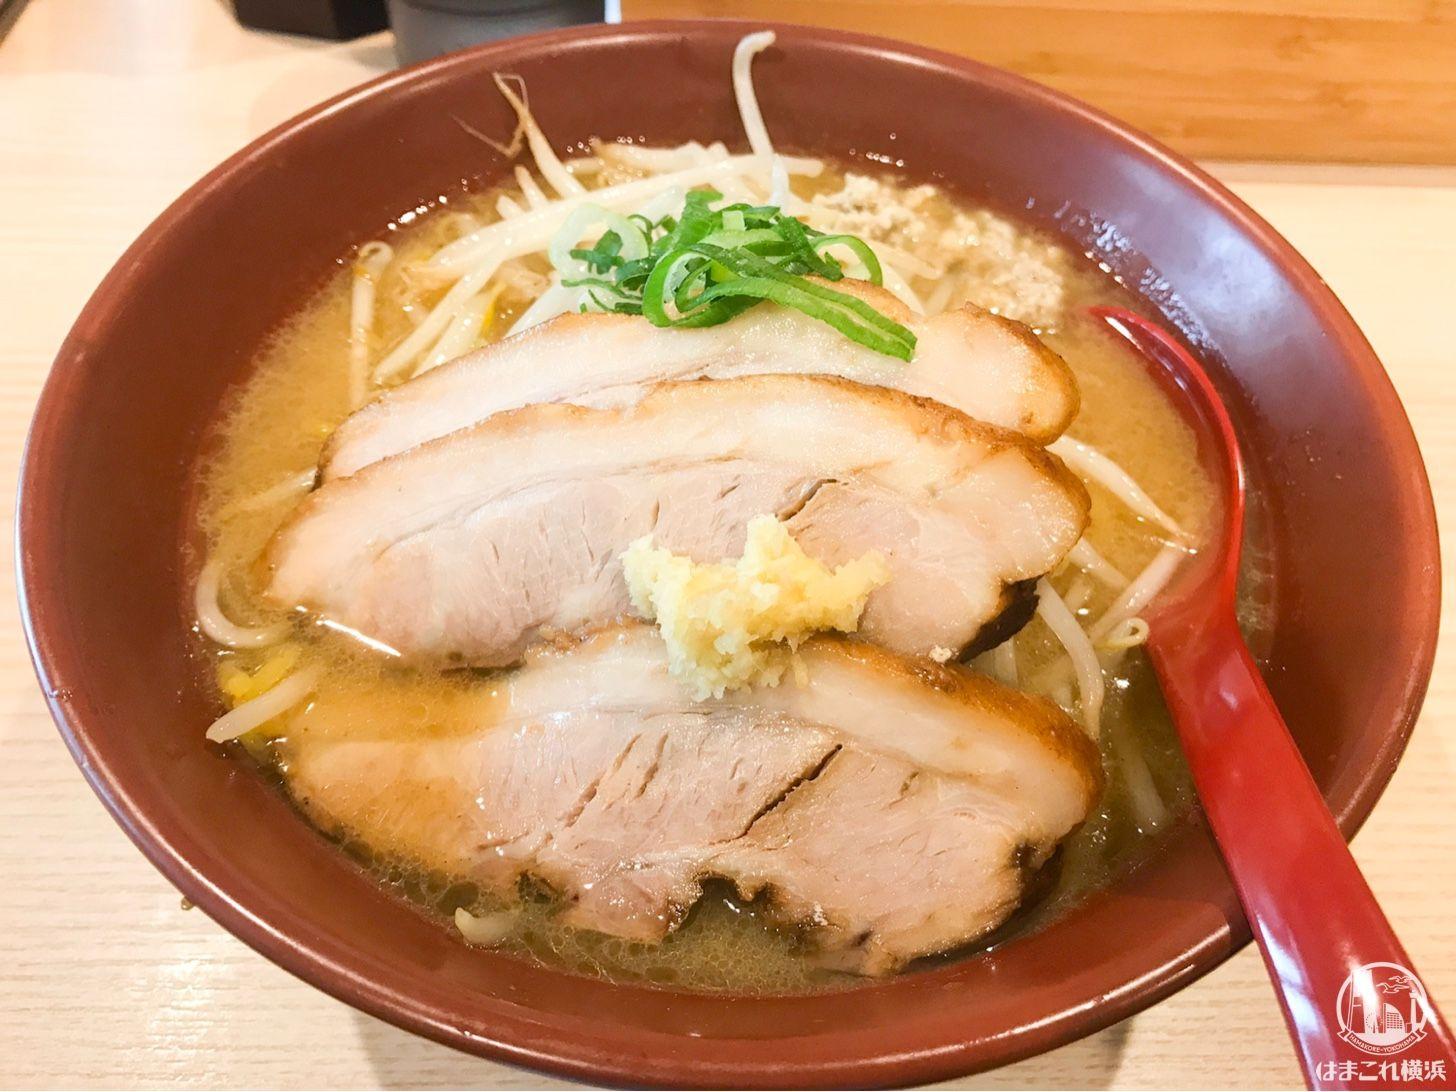 横浜 南太田 拉麺 大公 の焼き味噌ラーメンに虜 甘系味噌でえび